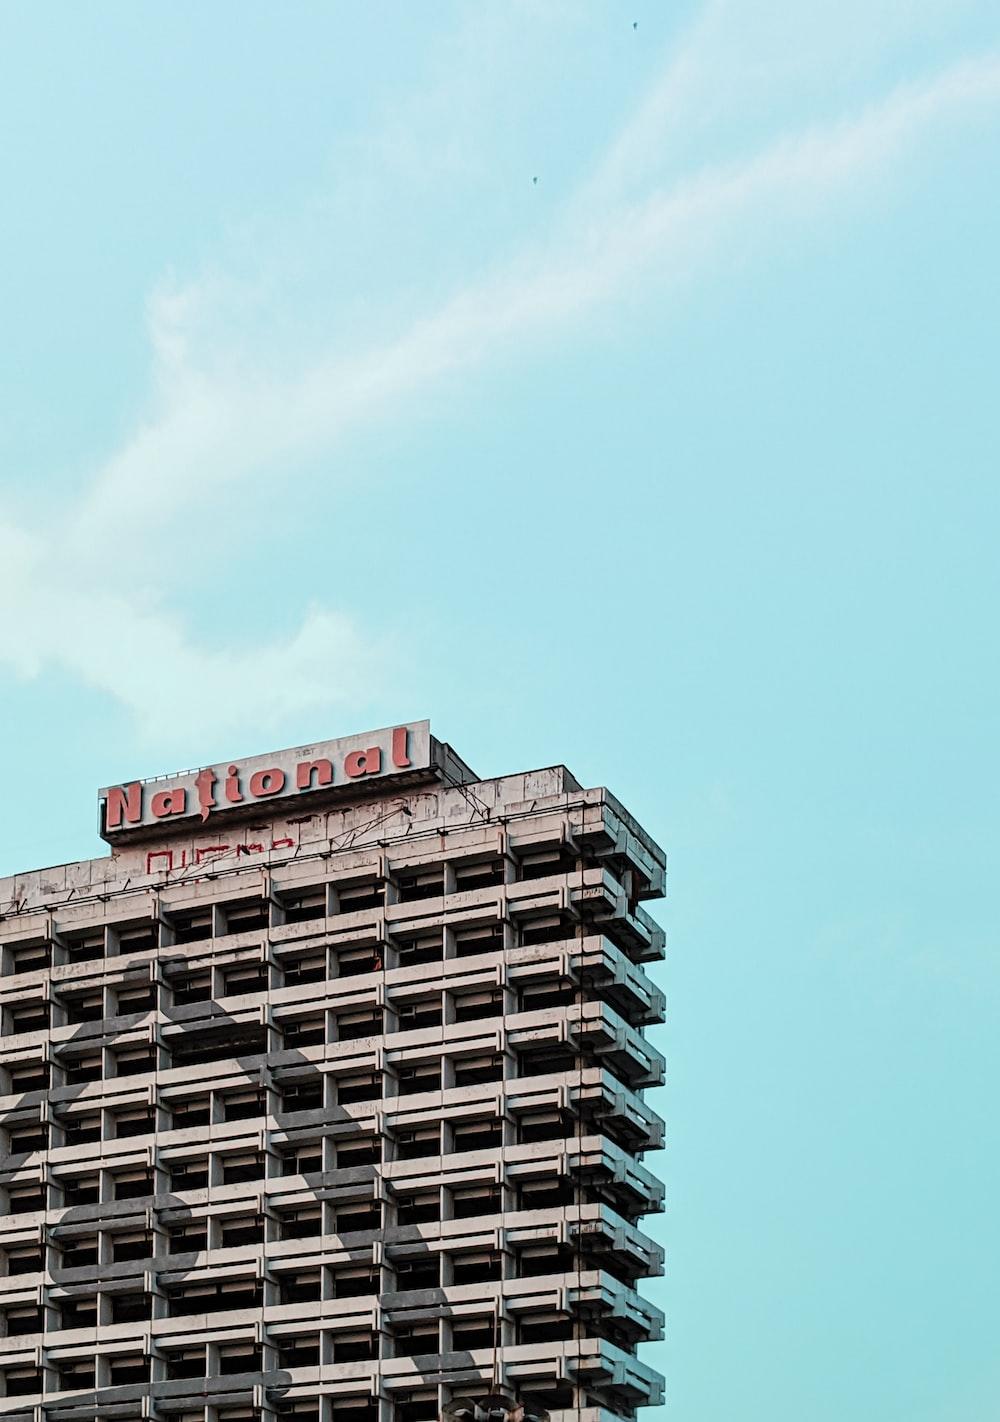 gray concrete multi-storey building under a calm blue sky